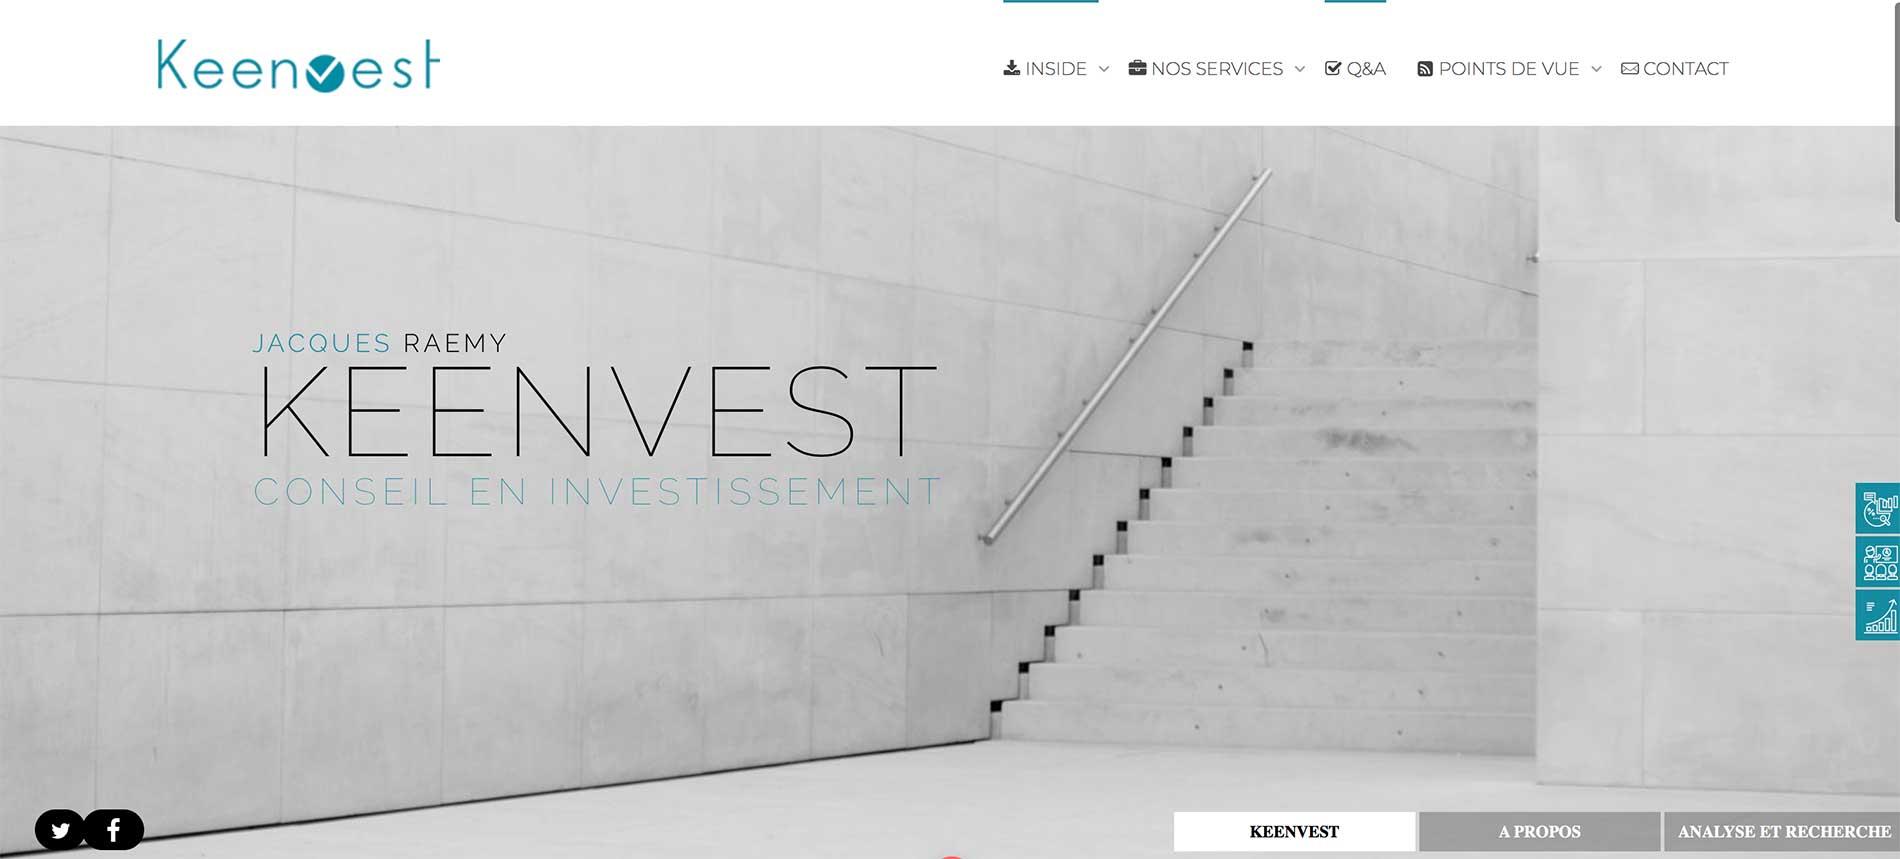 Création d'un site internet à Genève